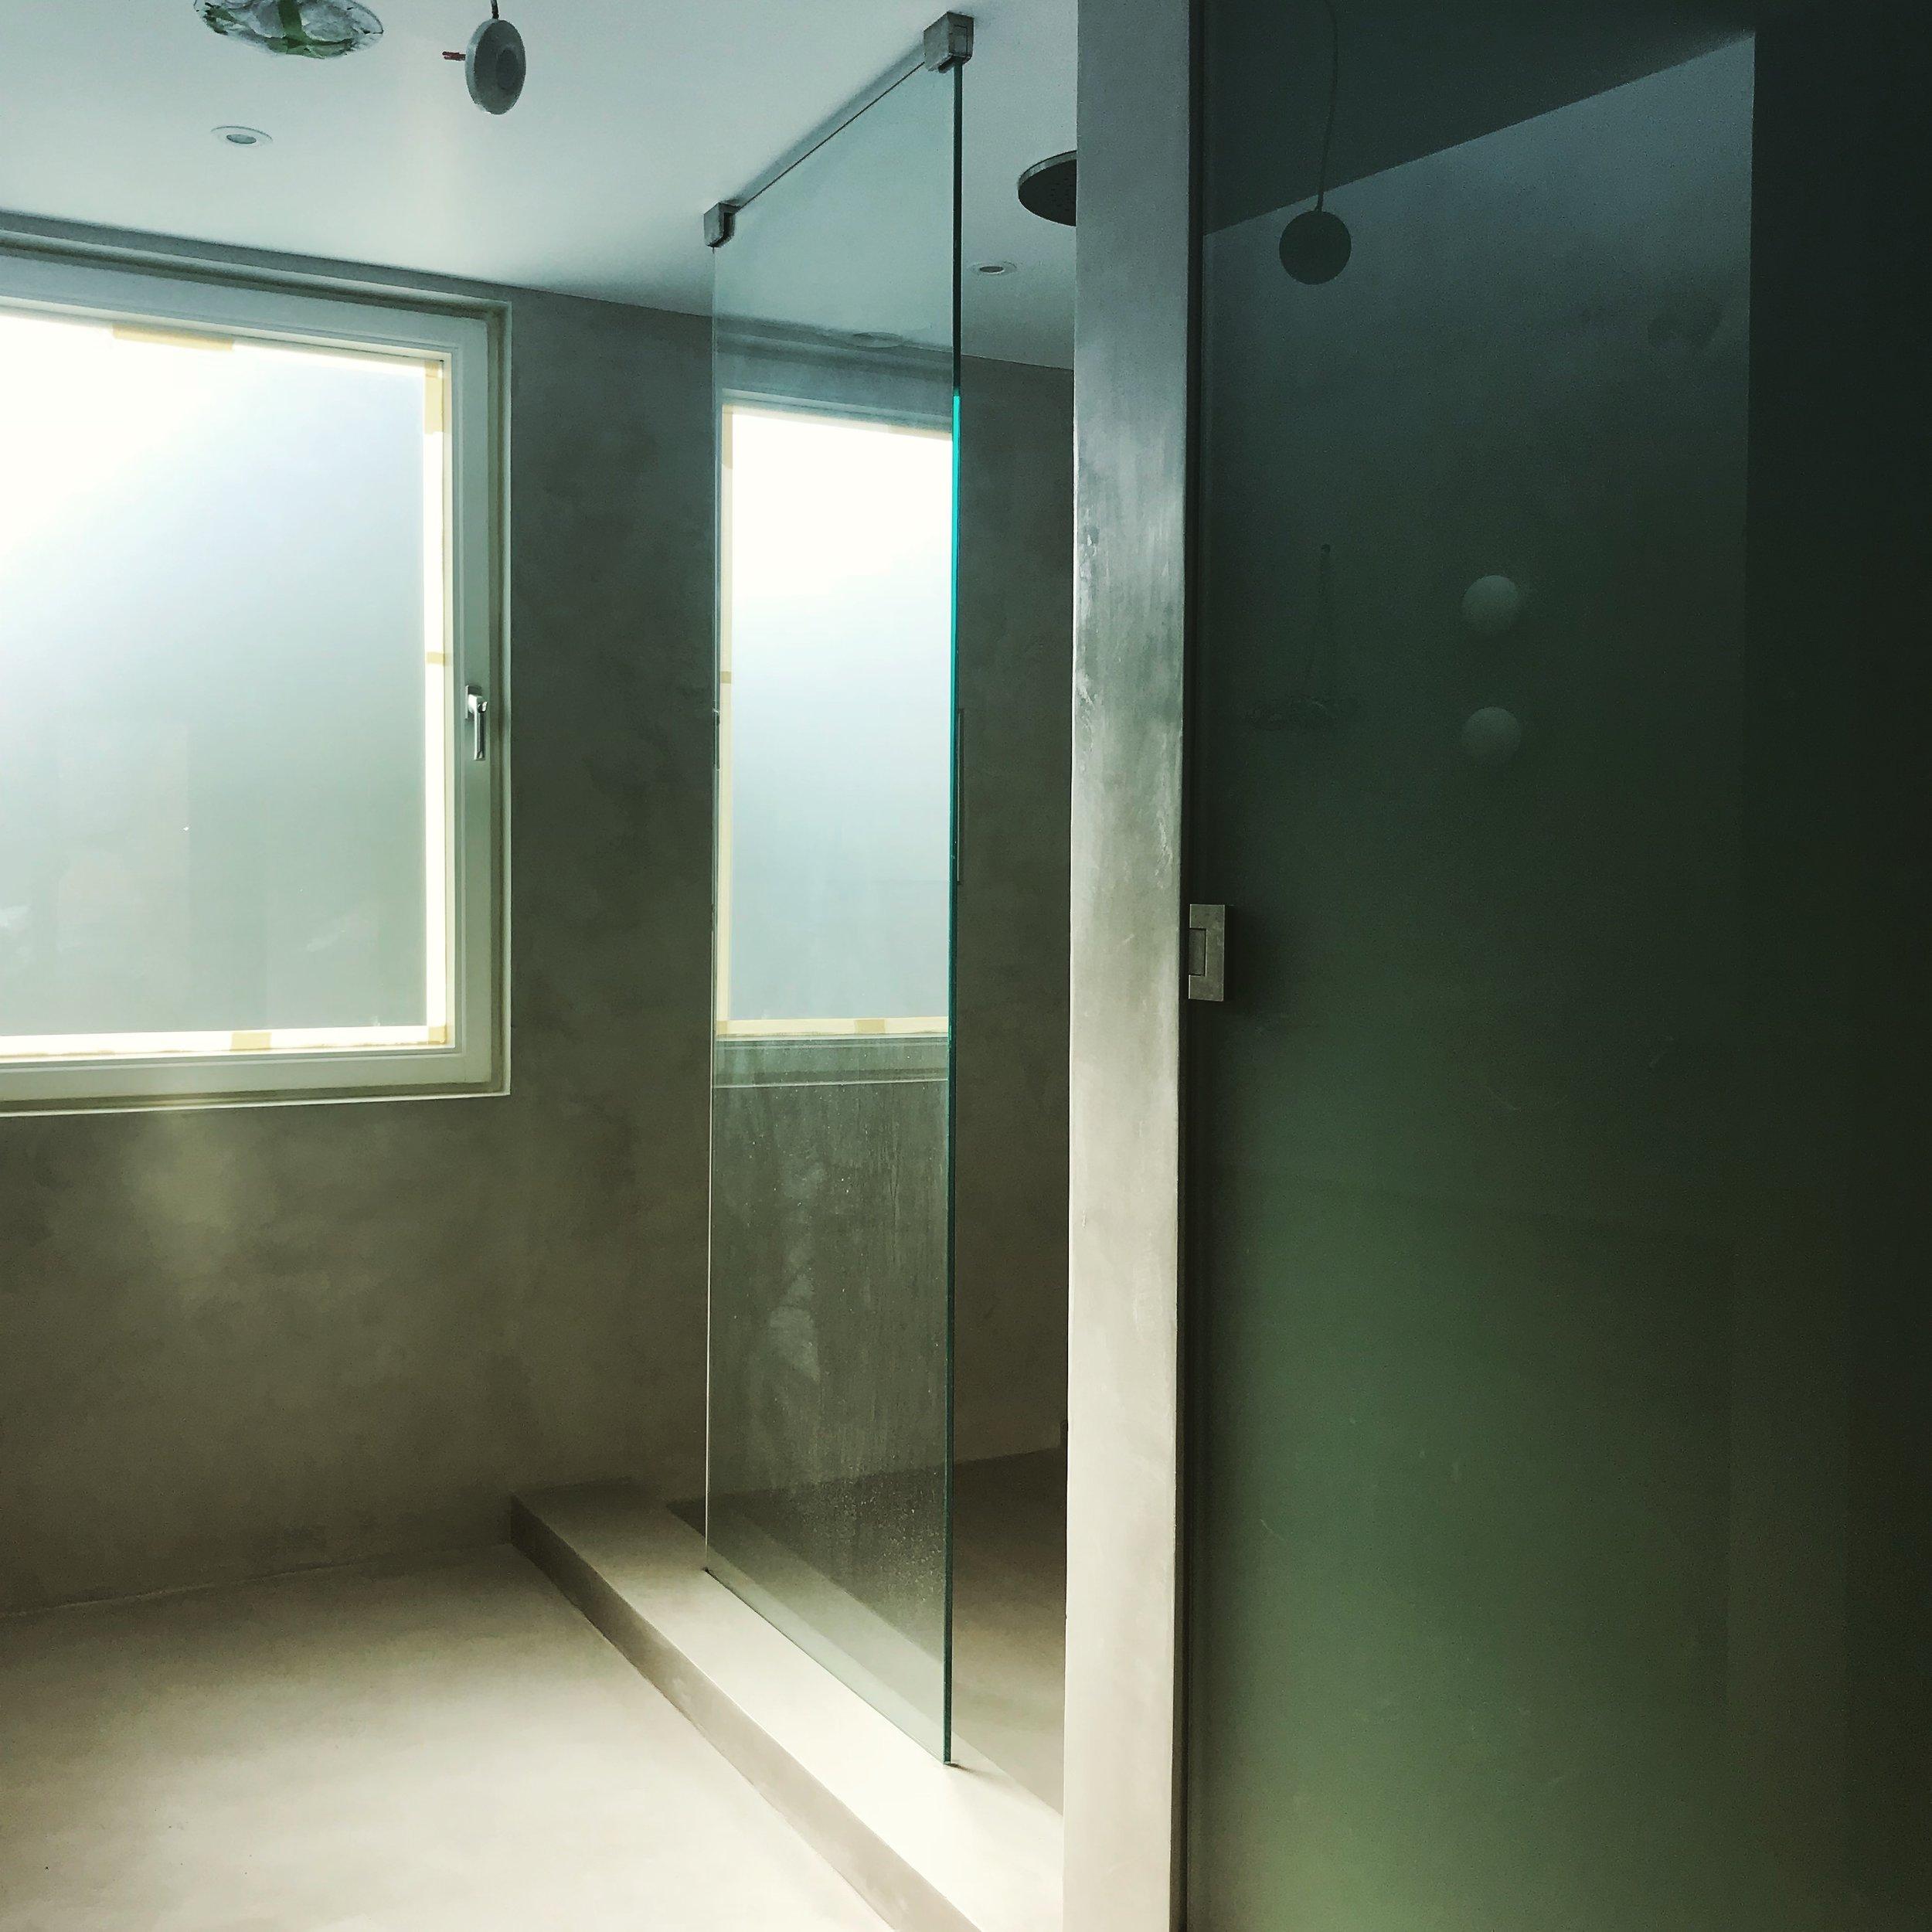 shower screen.jpeg